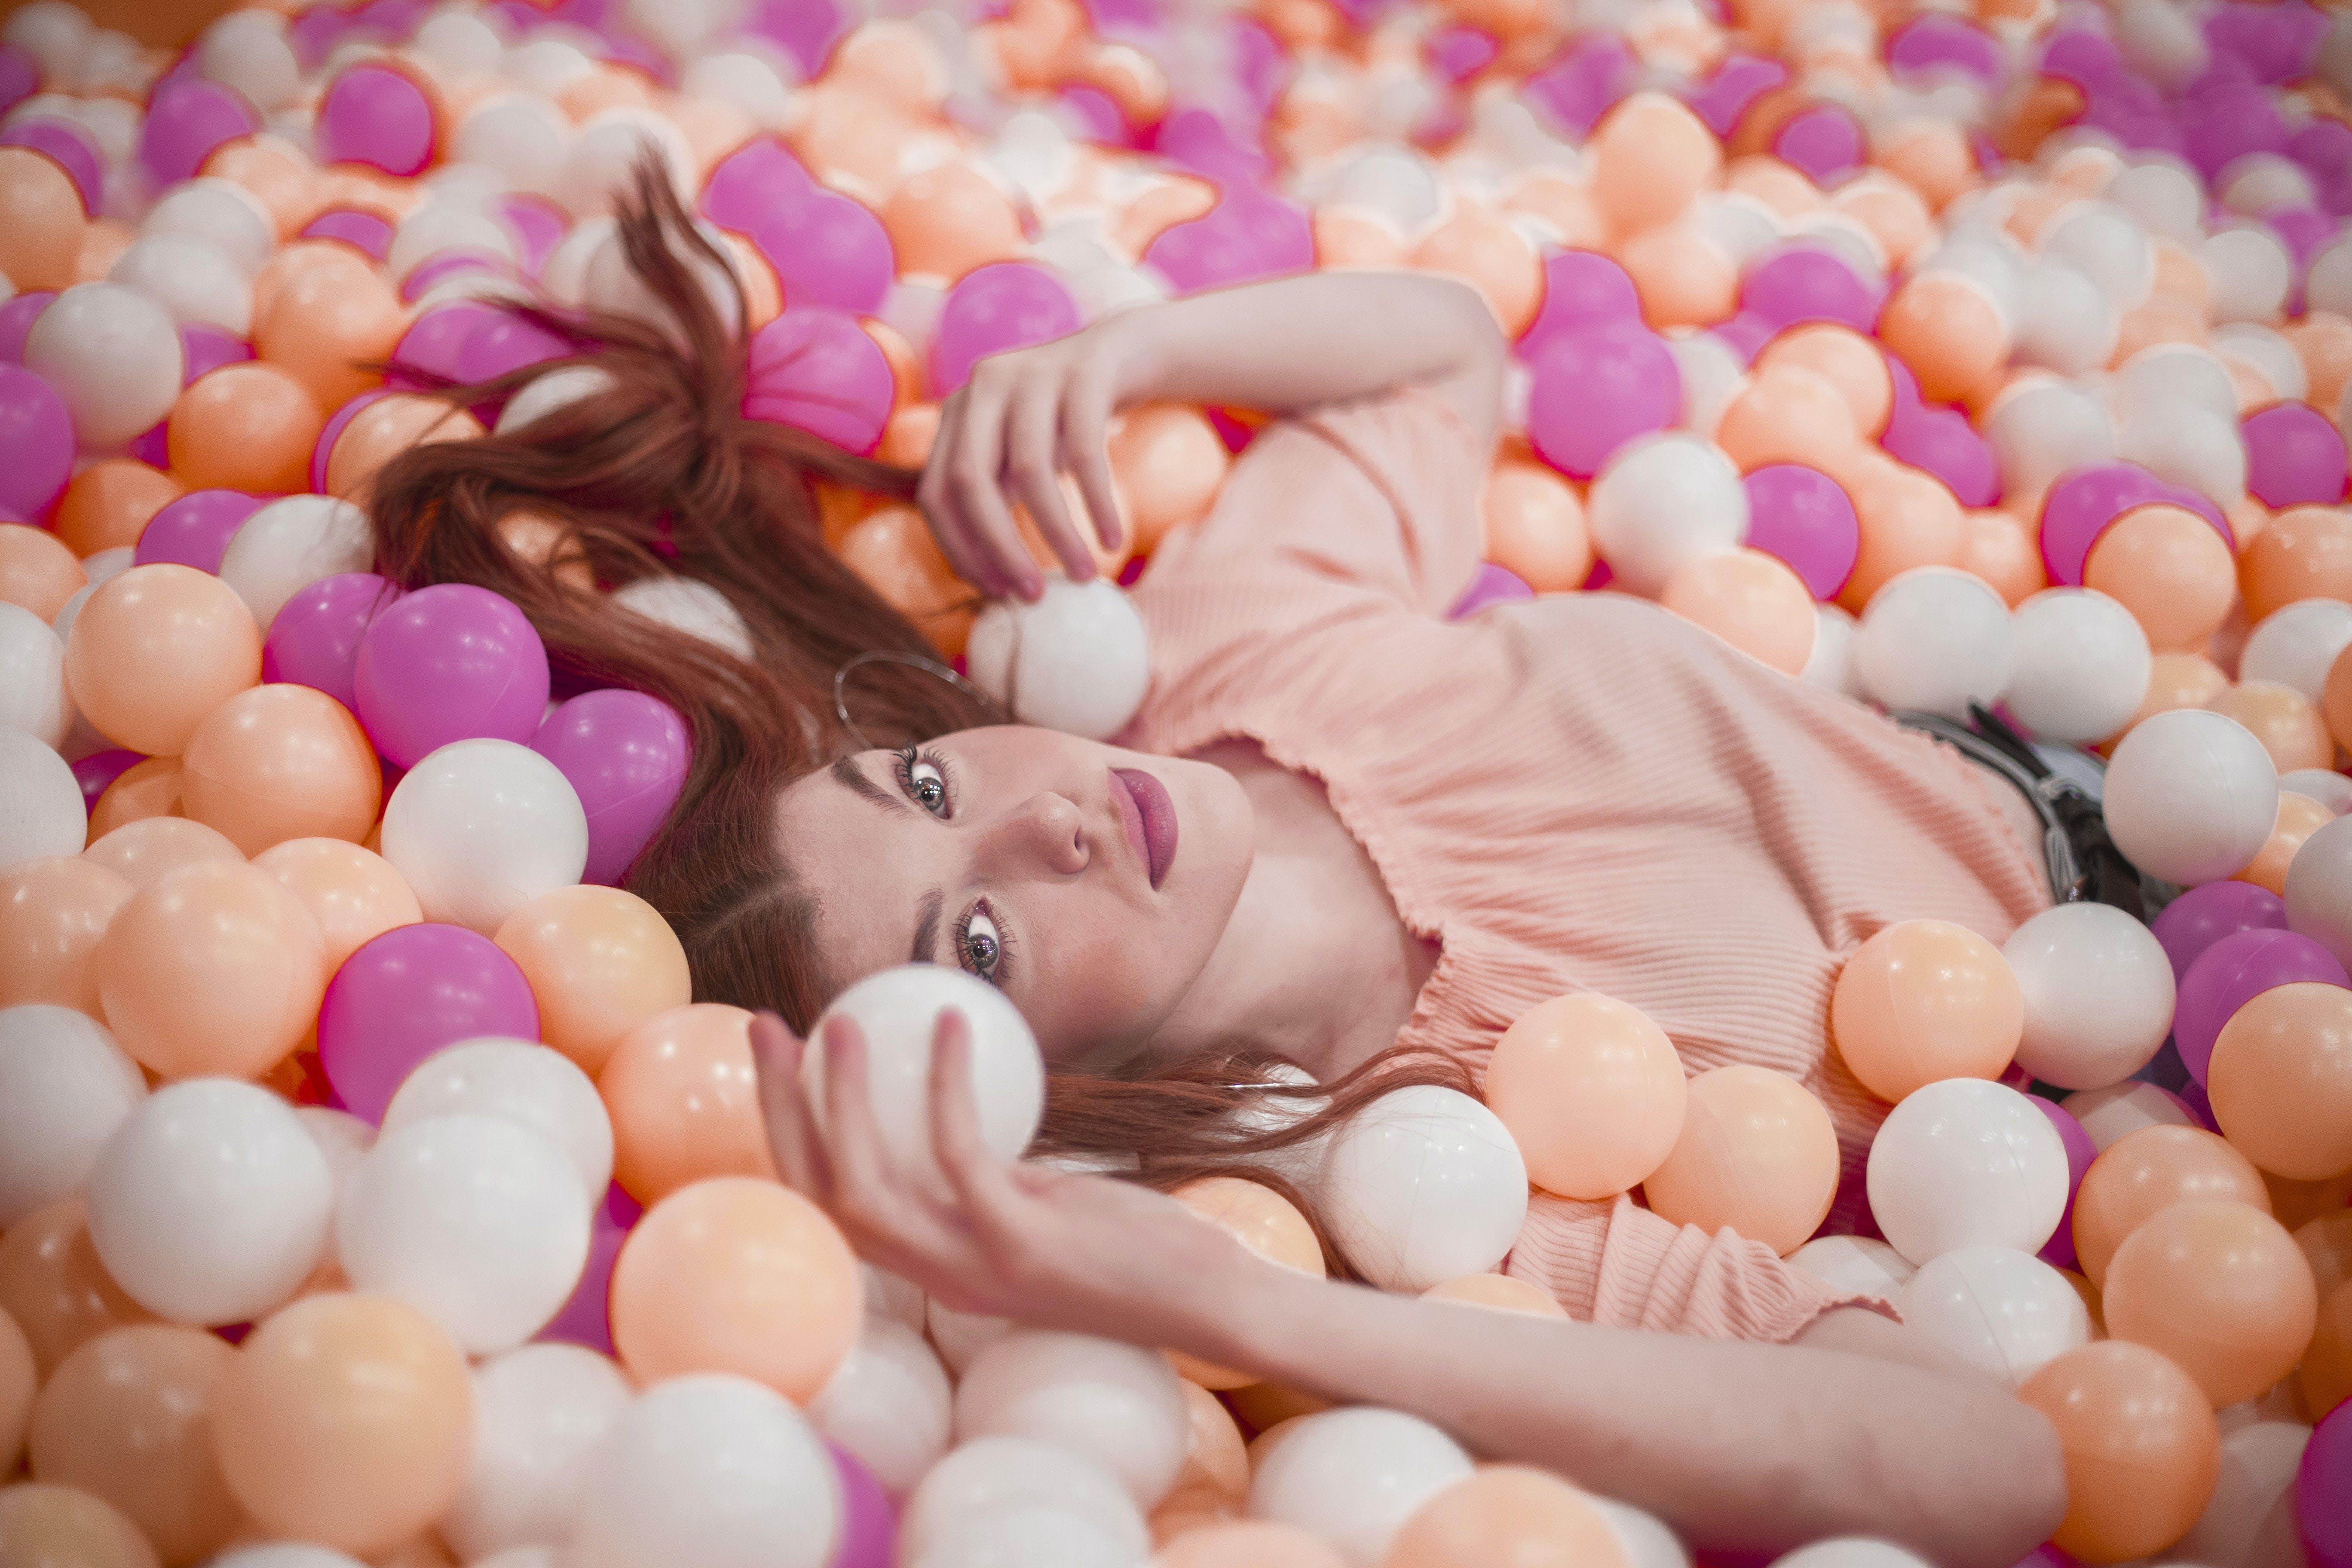 Ingyenes stockfotó fejjel lefelé, Fotózás, golyók, gyönyörű nő témában